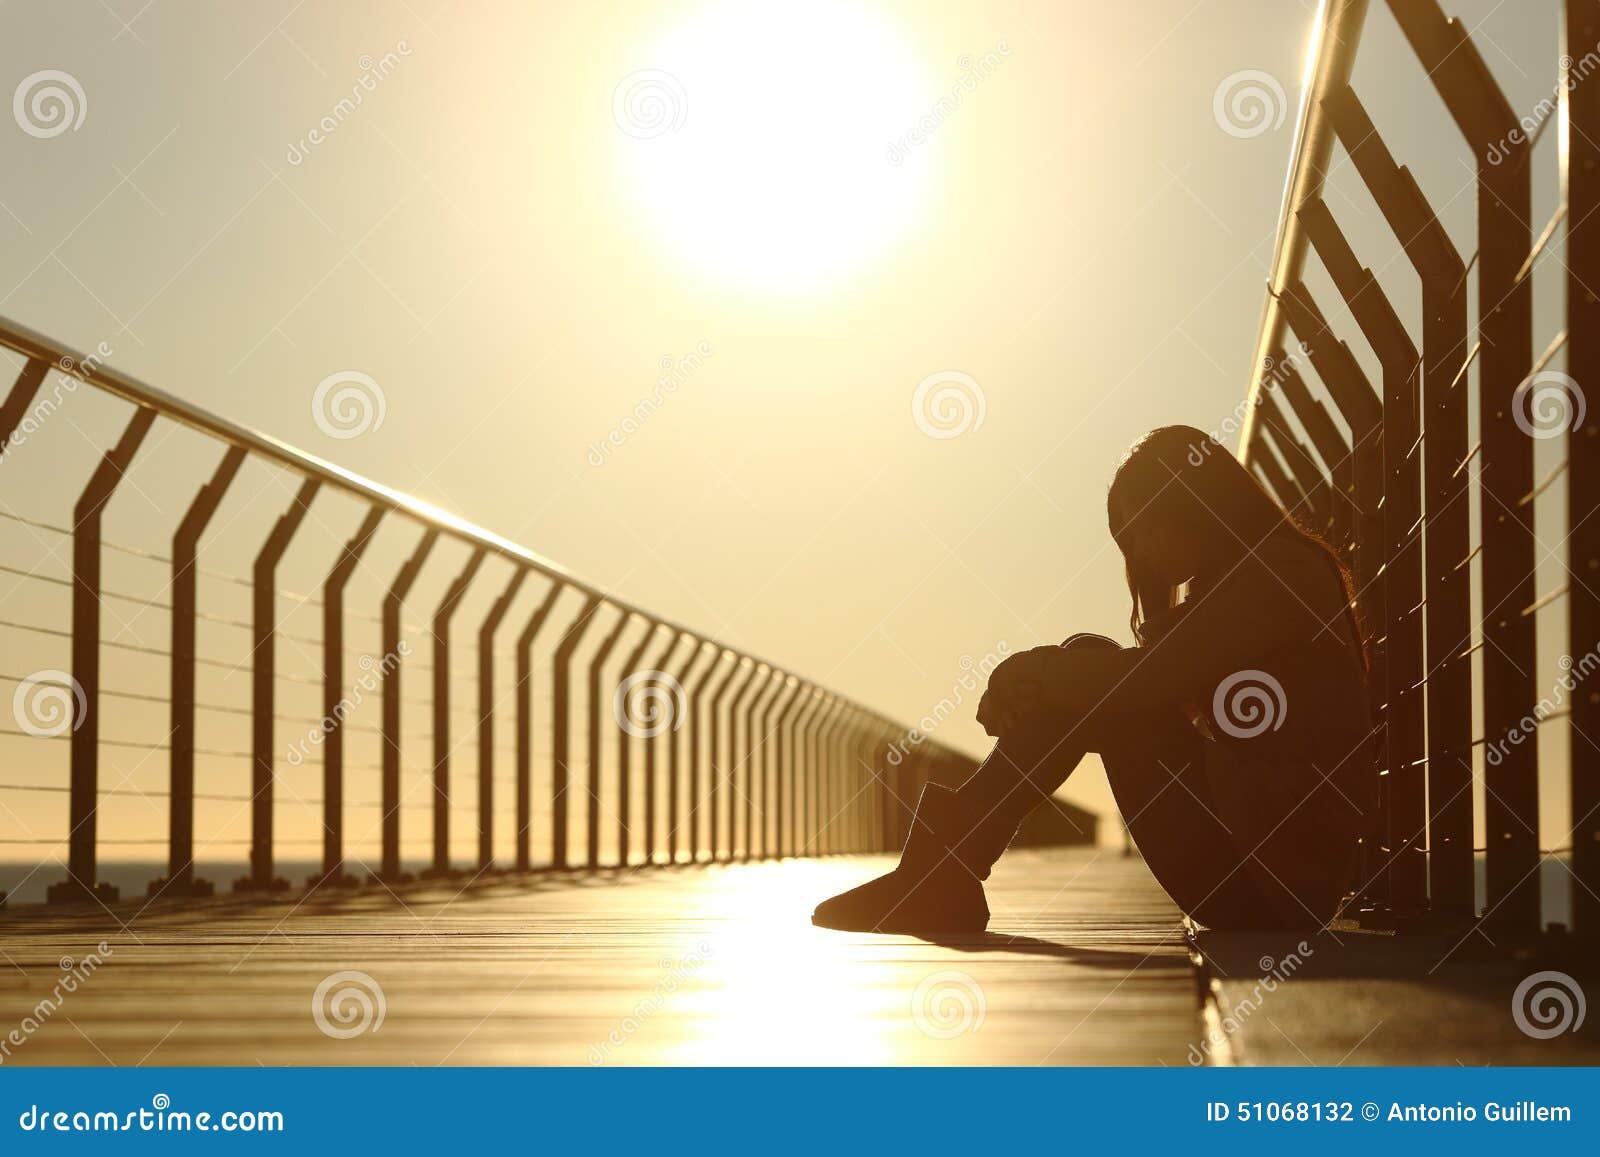 Droevige tienermeisje gedeprimeerde zitting in een brug bij zonsondergang